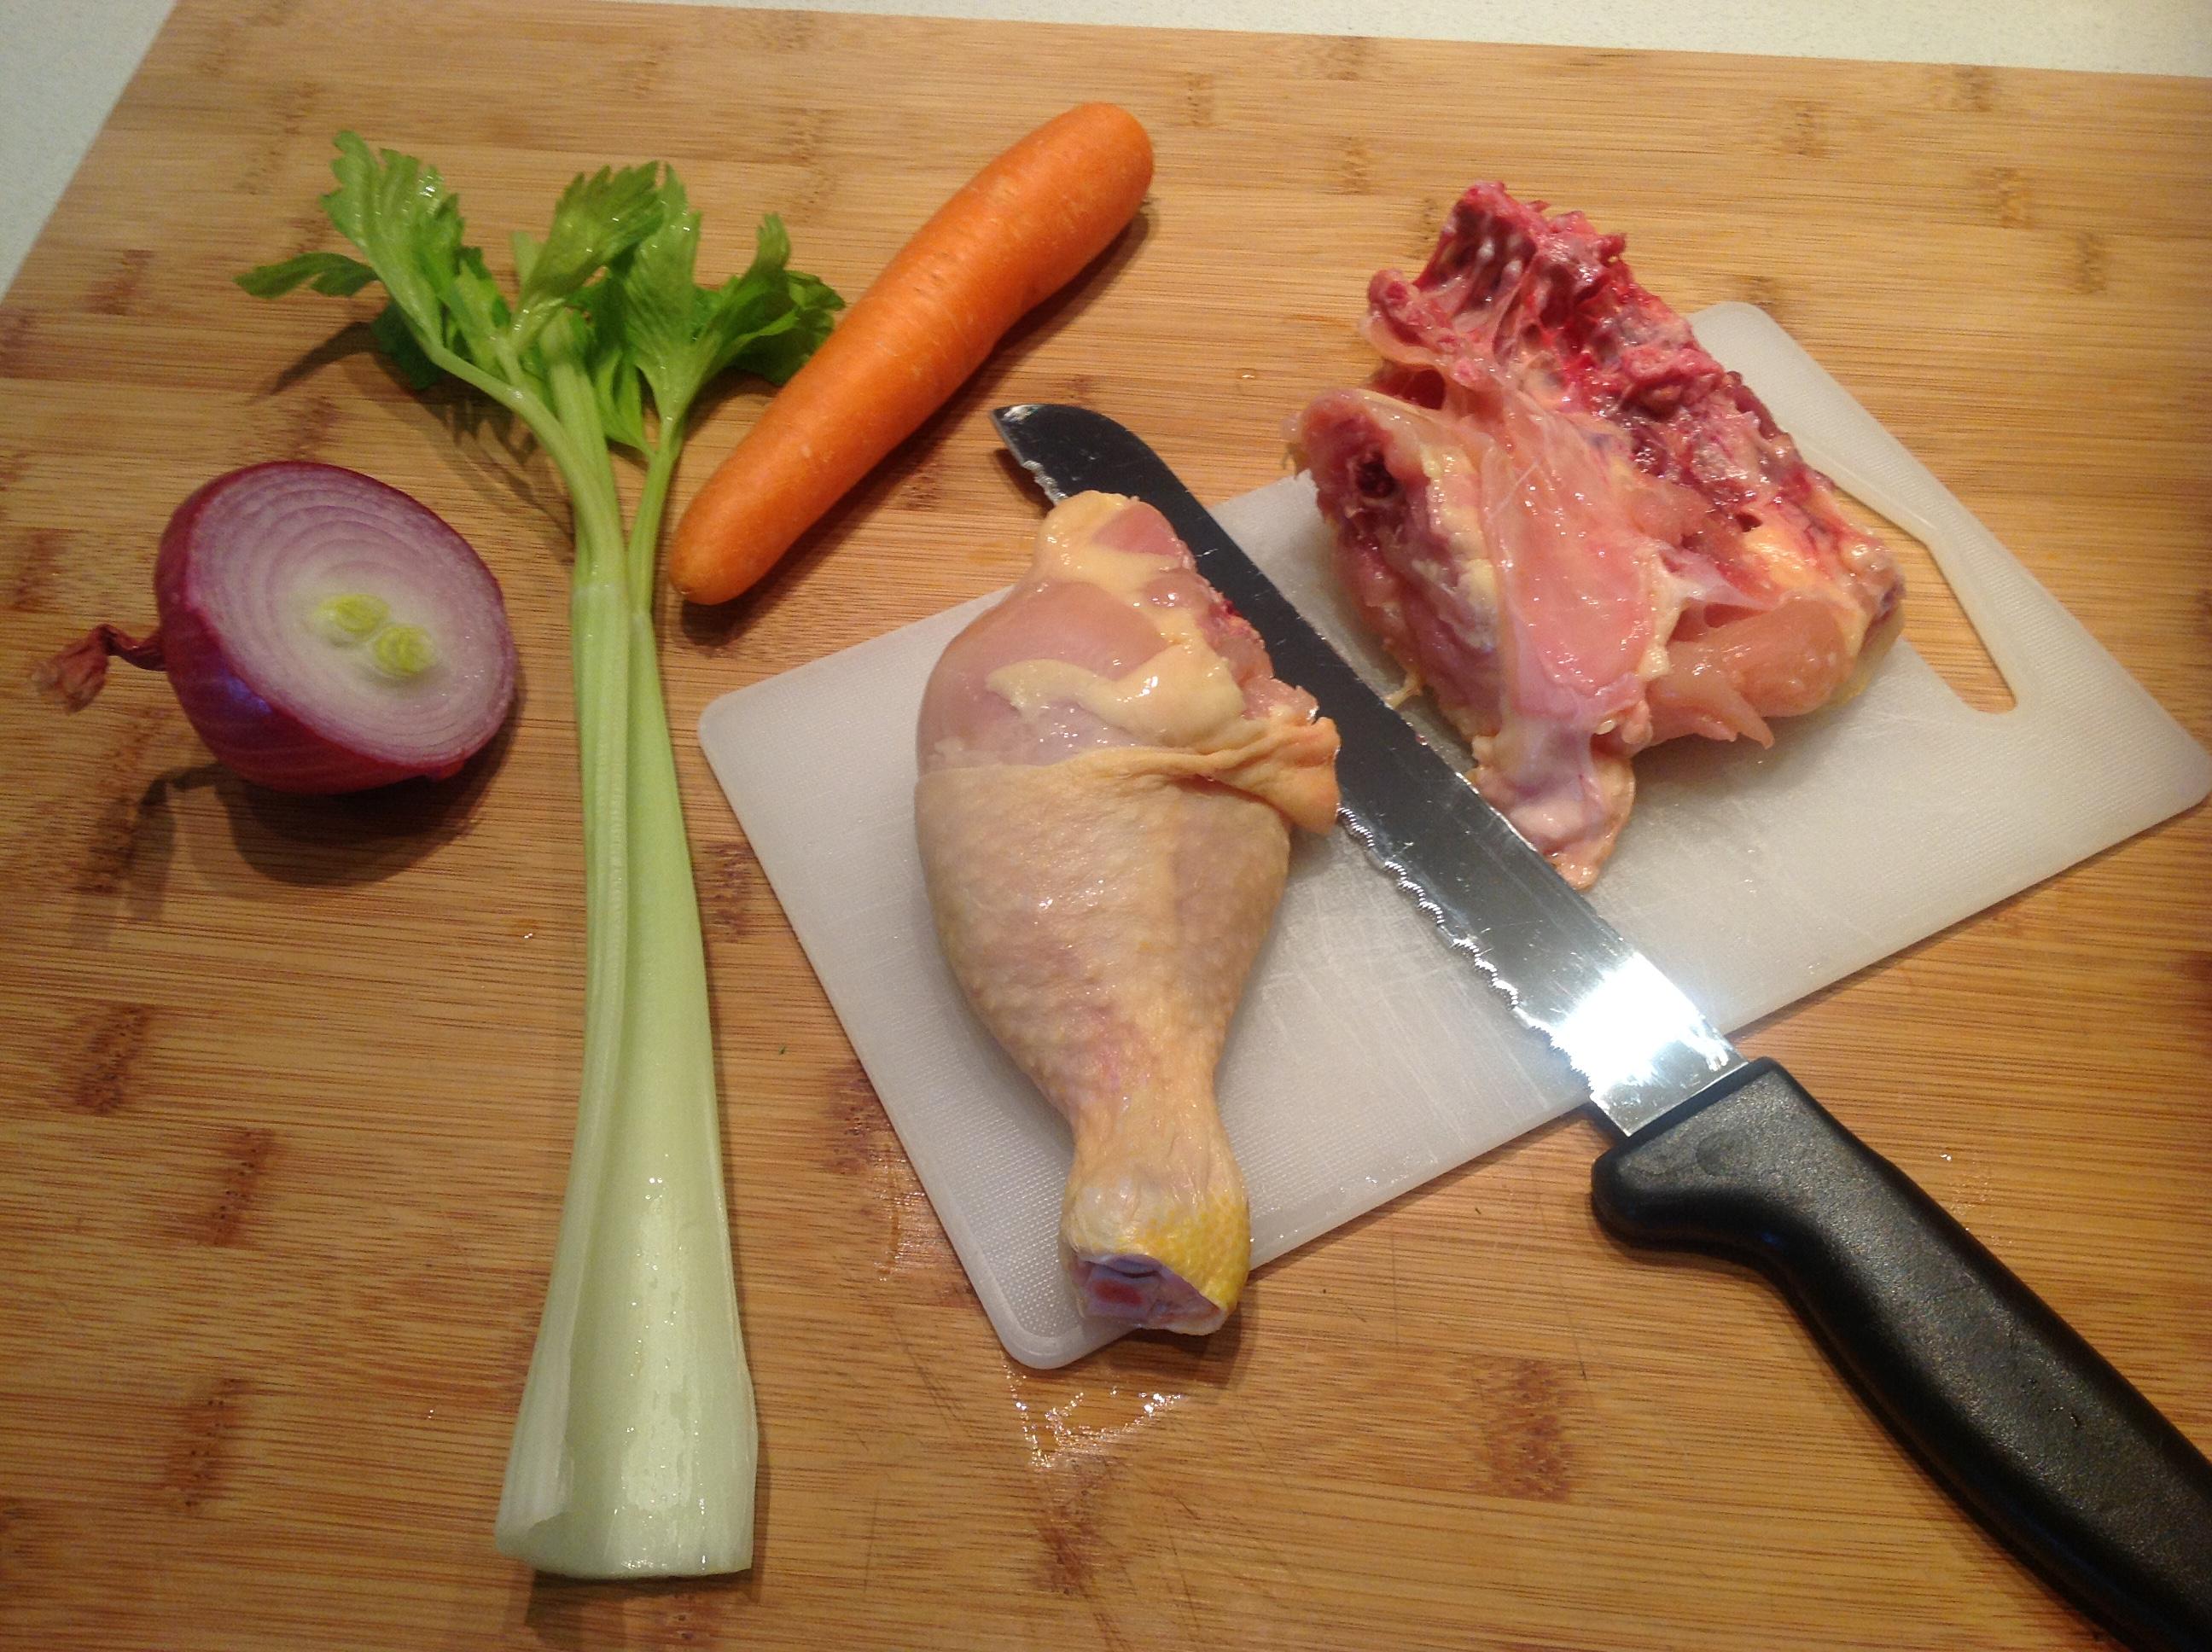 Brodo di pollo cappone for Interno coscia macchie rosse